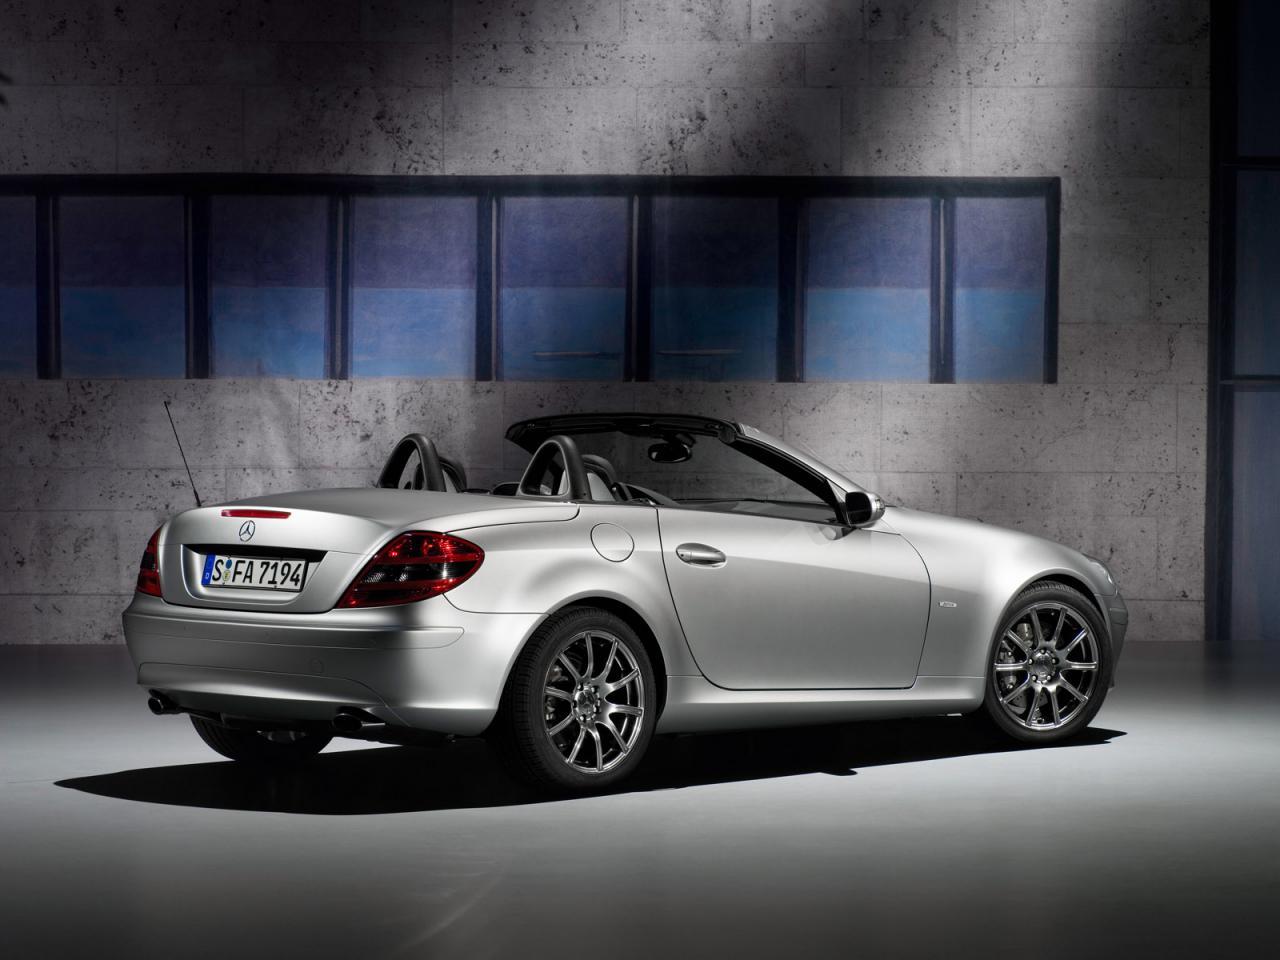 2006 Mercedes Benz SLK R171 200K